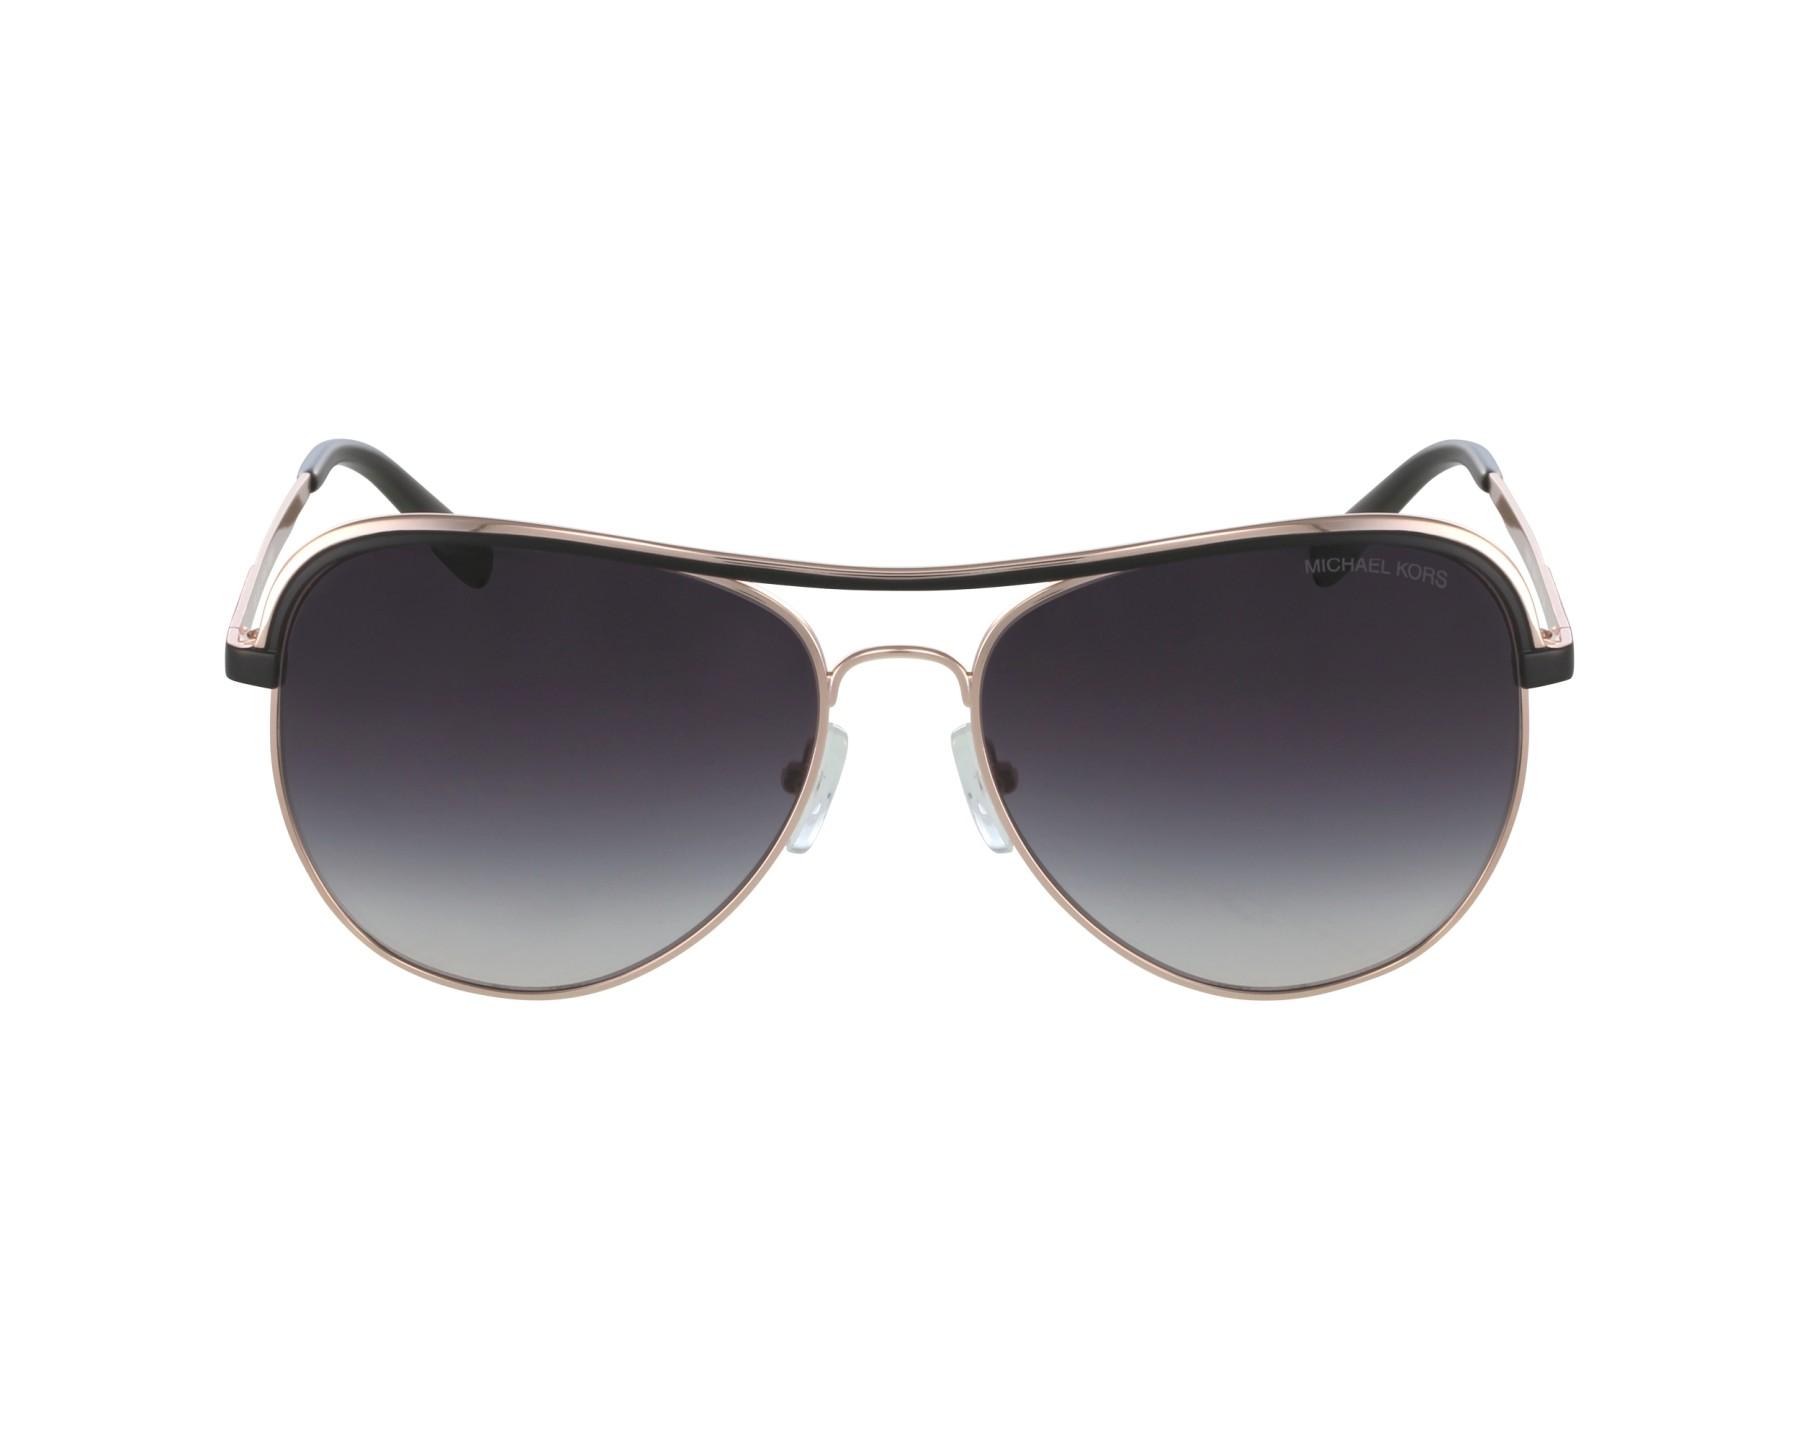 1a20552b55 Gafas de sol Michael Kors MK-1012 1108/36 - Oro cobre Negra vista